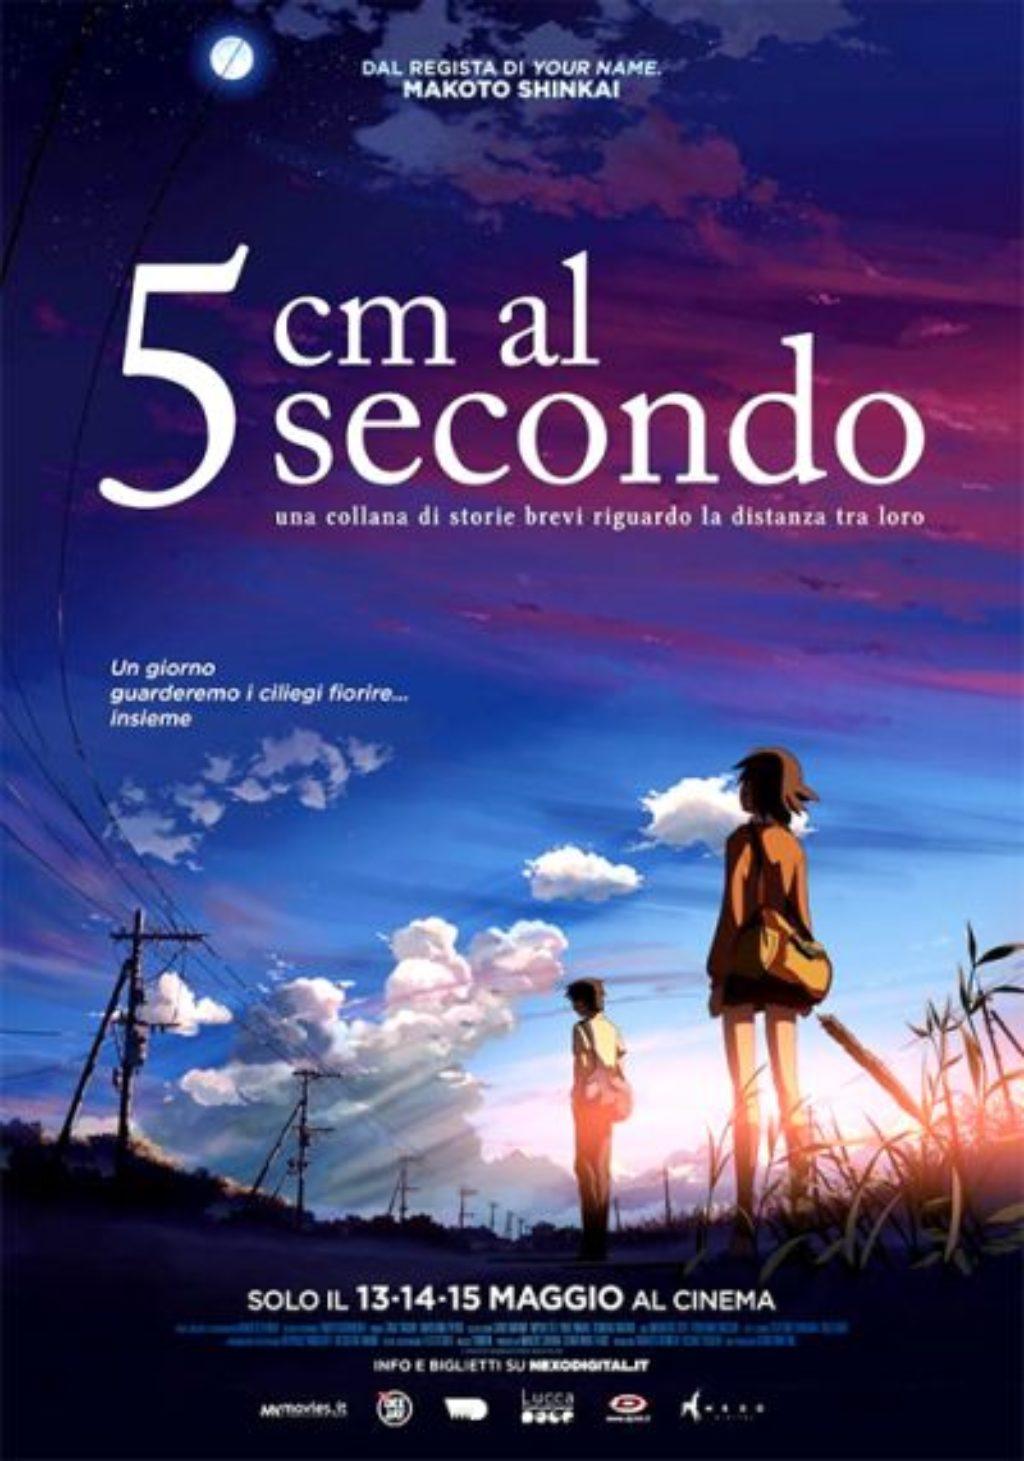 5cmalsecondo_big